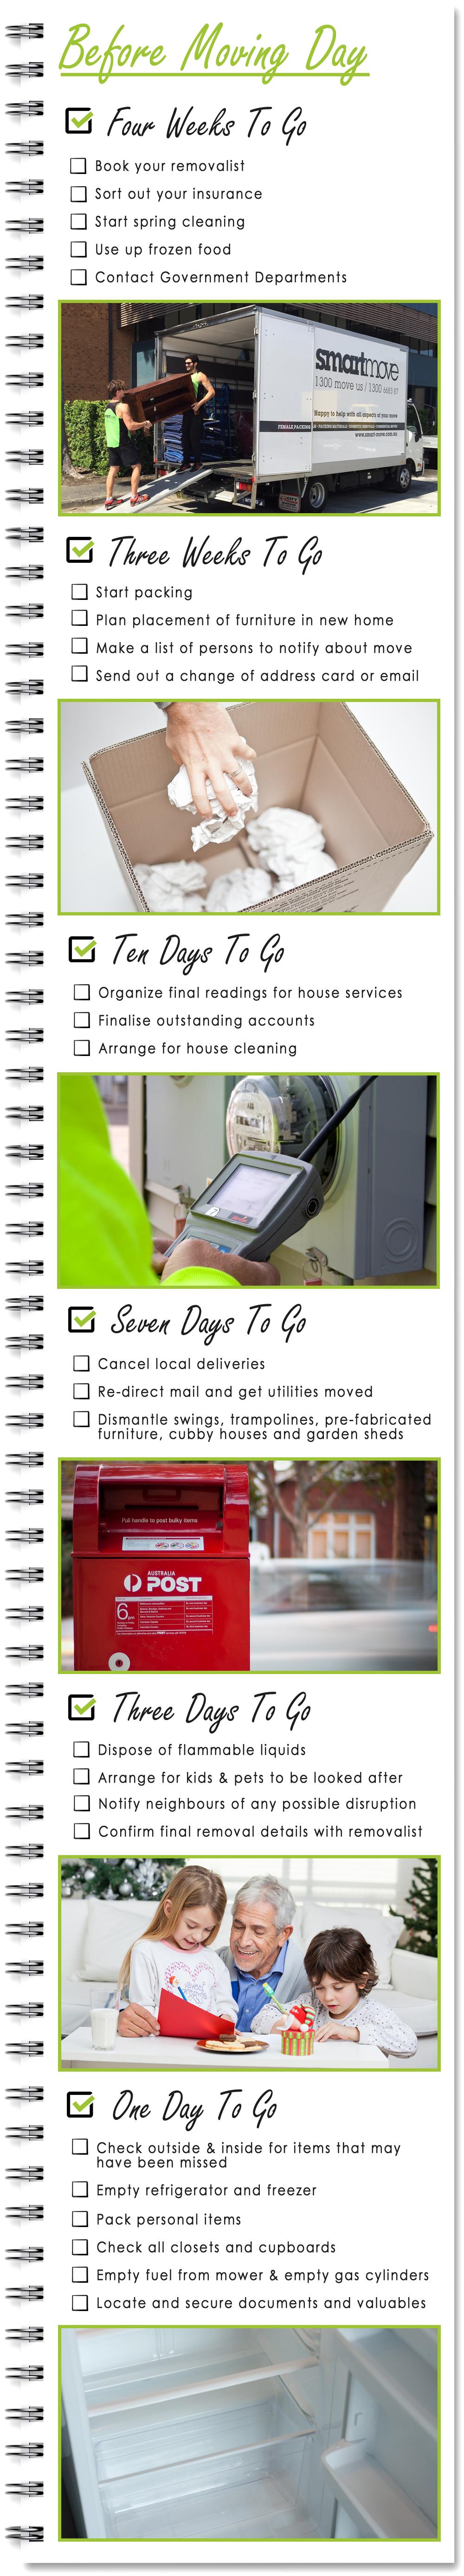 pre-move-checklist-5